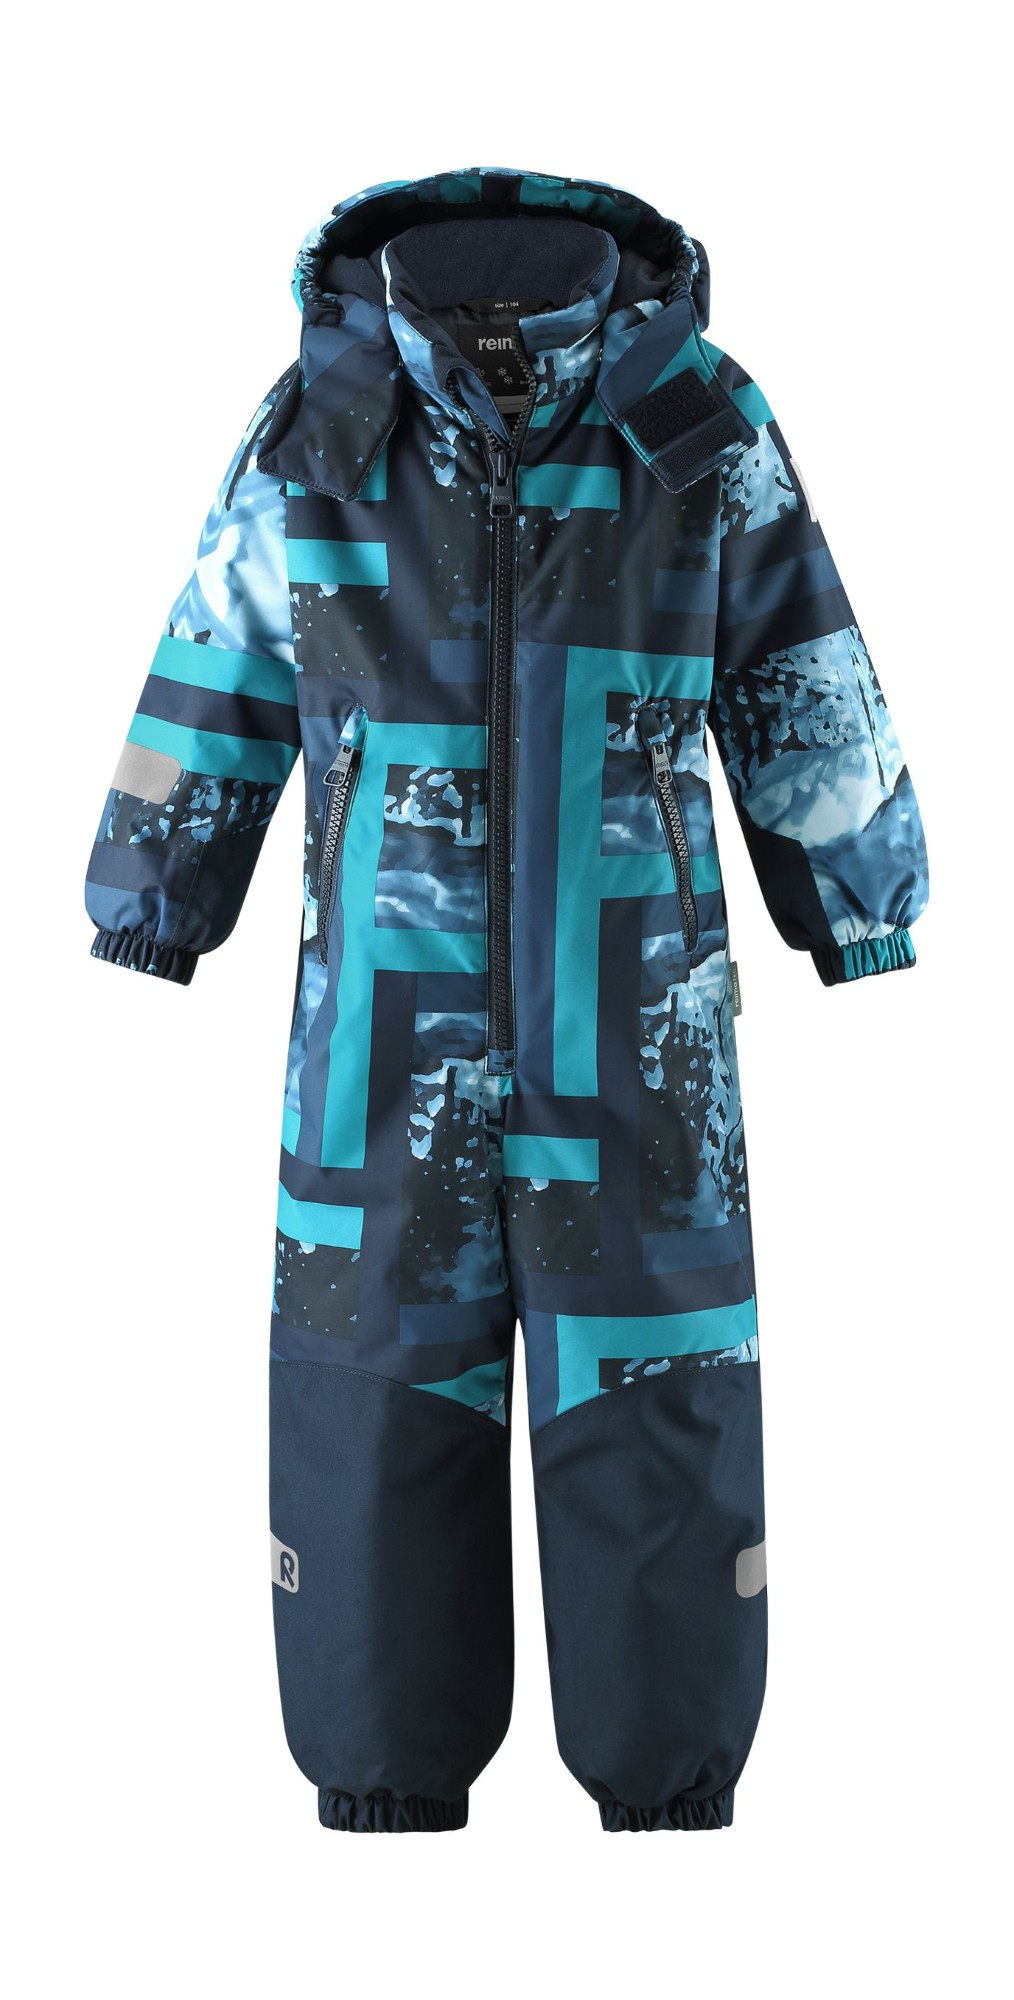 REIMA Snowy 520269B Navy 6981 122